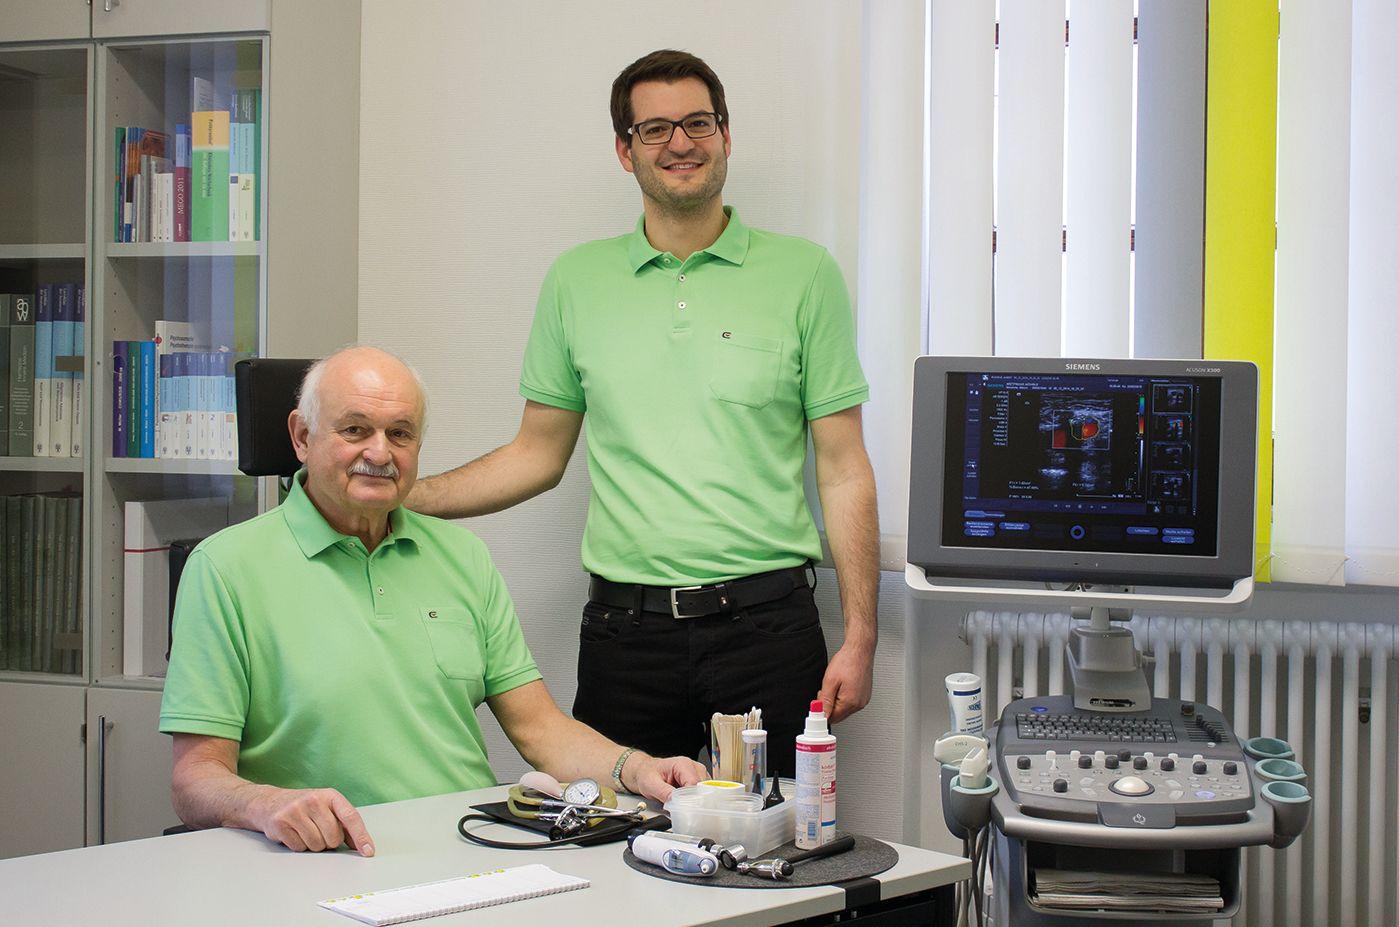 Arztpraxis Möhrle Oberkochen - Albert Möhrle und Dr. Matthias Möhrle